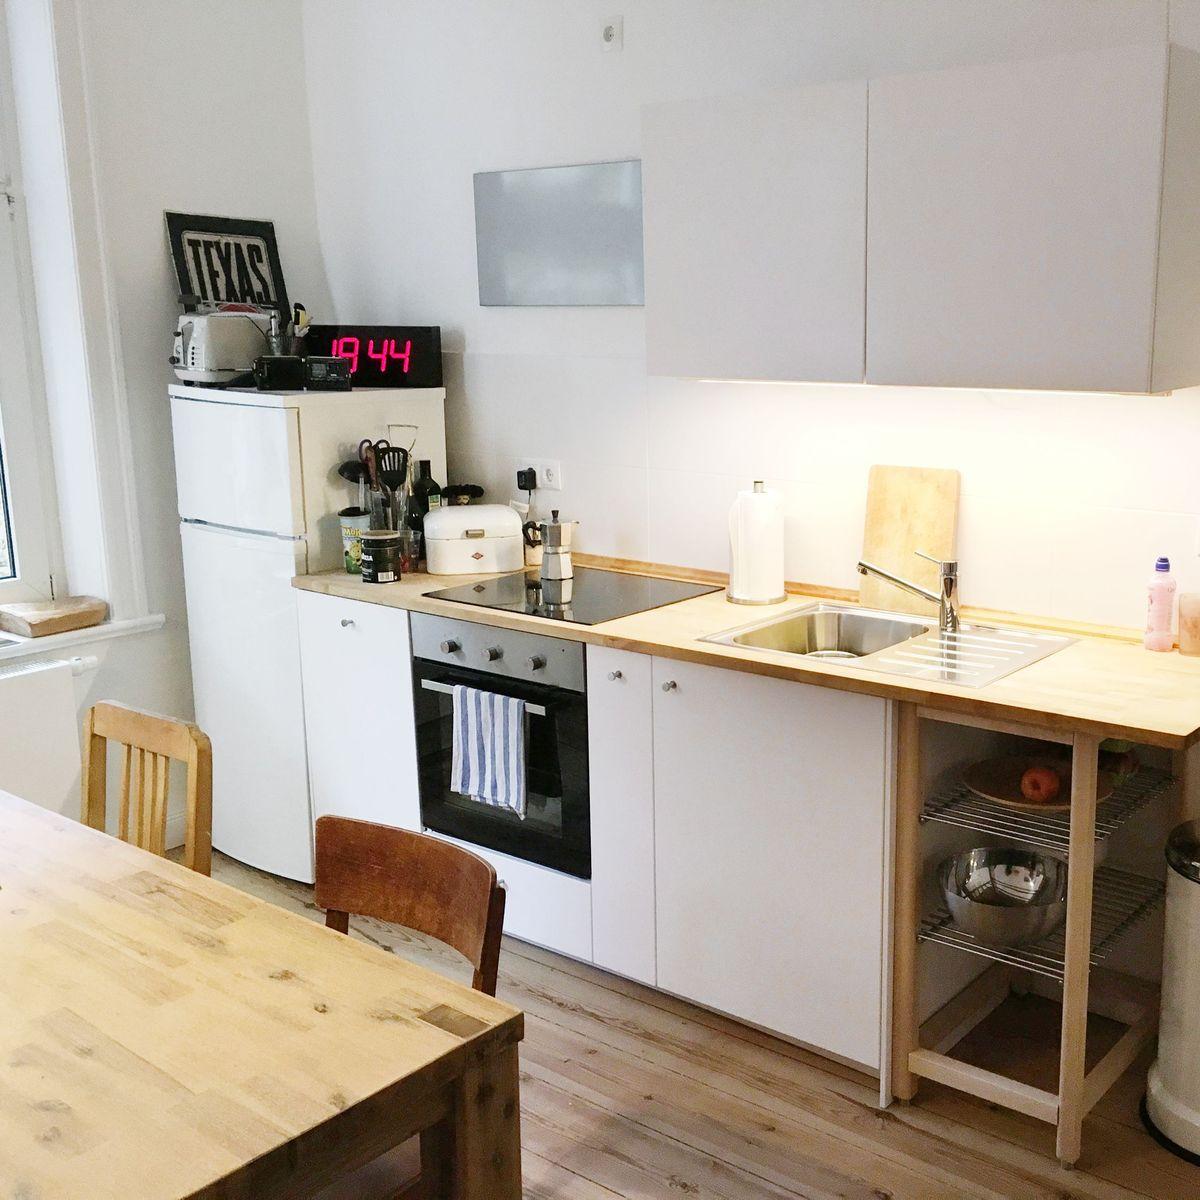 Full Size of Pantryküche Ikea Kche 2 Meter Einzeilige Kchen Vorteile Nachteile Küche Kosten Kaufen Miniküche Sofa Mit Schlaffunktion Modulküche Betten Bei 160x200 Wohnzimmer Pantryküche Ikea